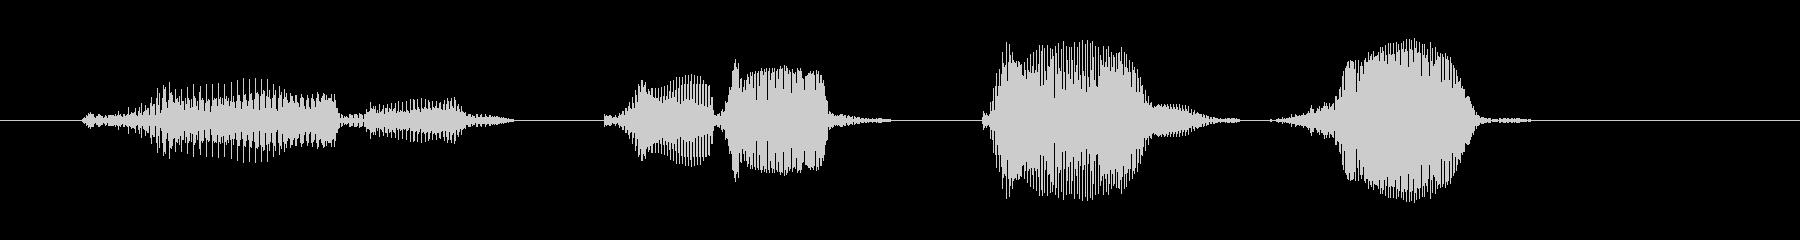 トリプルパンチ!の未再生の波形